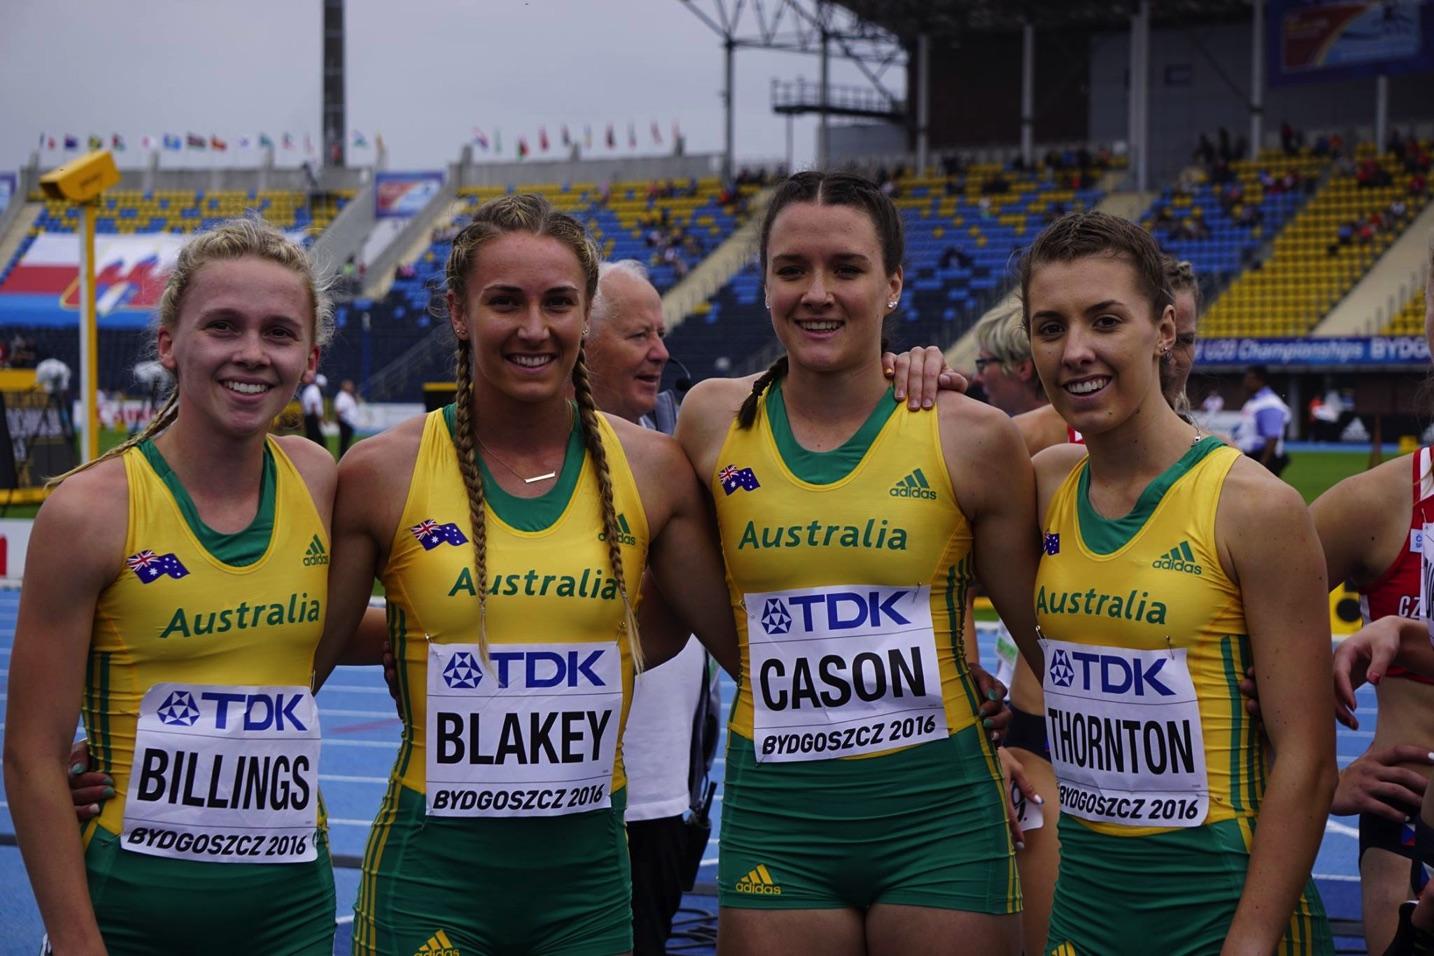 Photo Bydgoszcz, Poland, '16 thanks to Athletics Australia